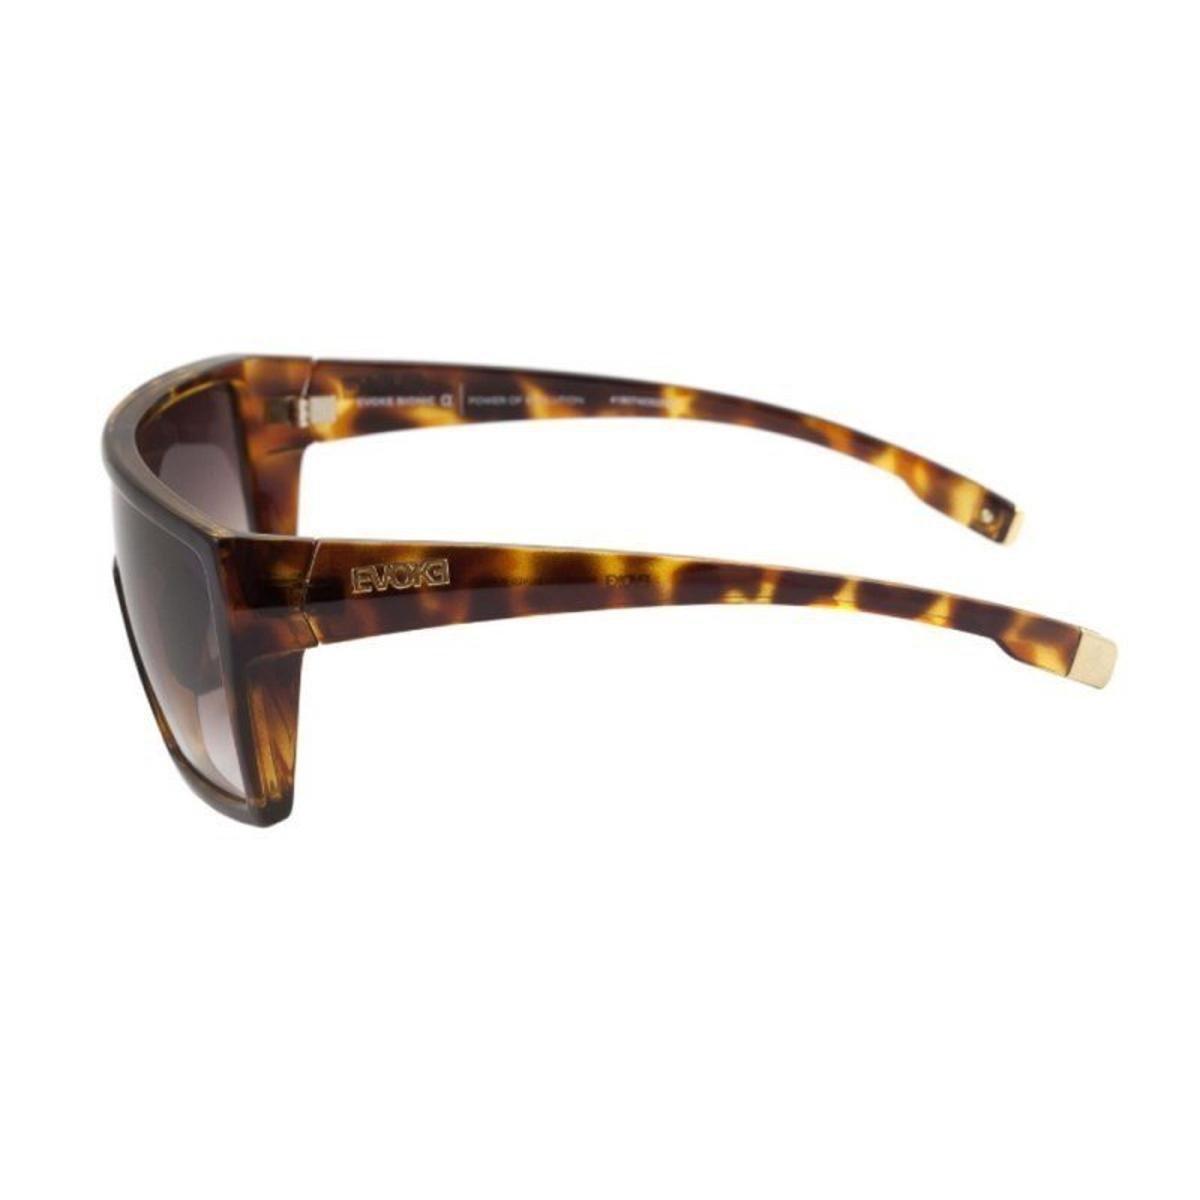 b7e79e7fd2a1b Óculos de Sol Evoke Bionic Alfa Turtle Brown - Compre Agora   Zattini